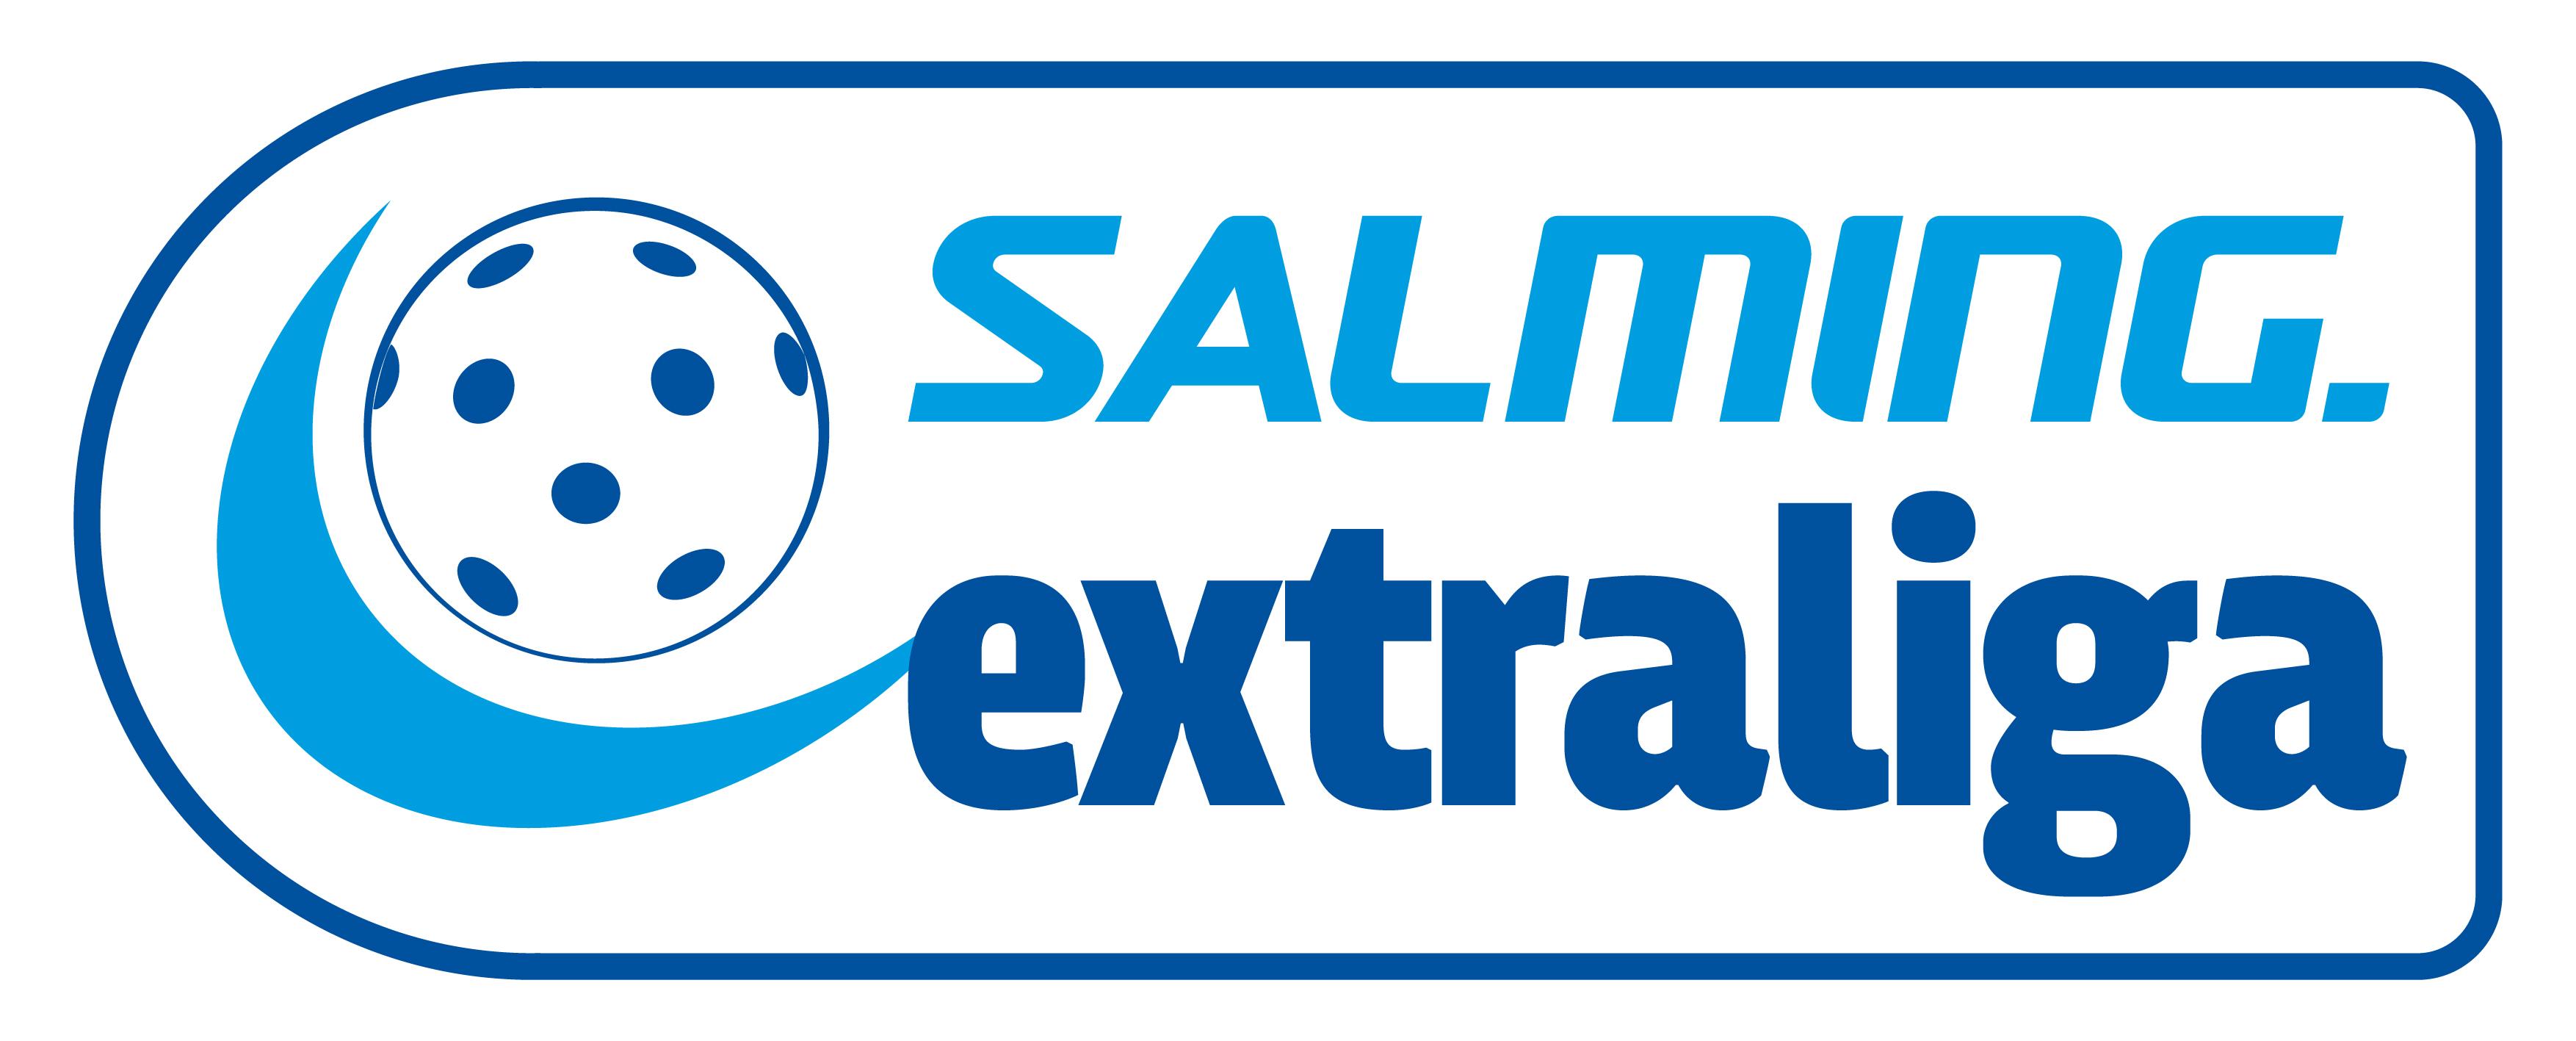 logo-salming-extraliga